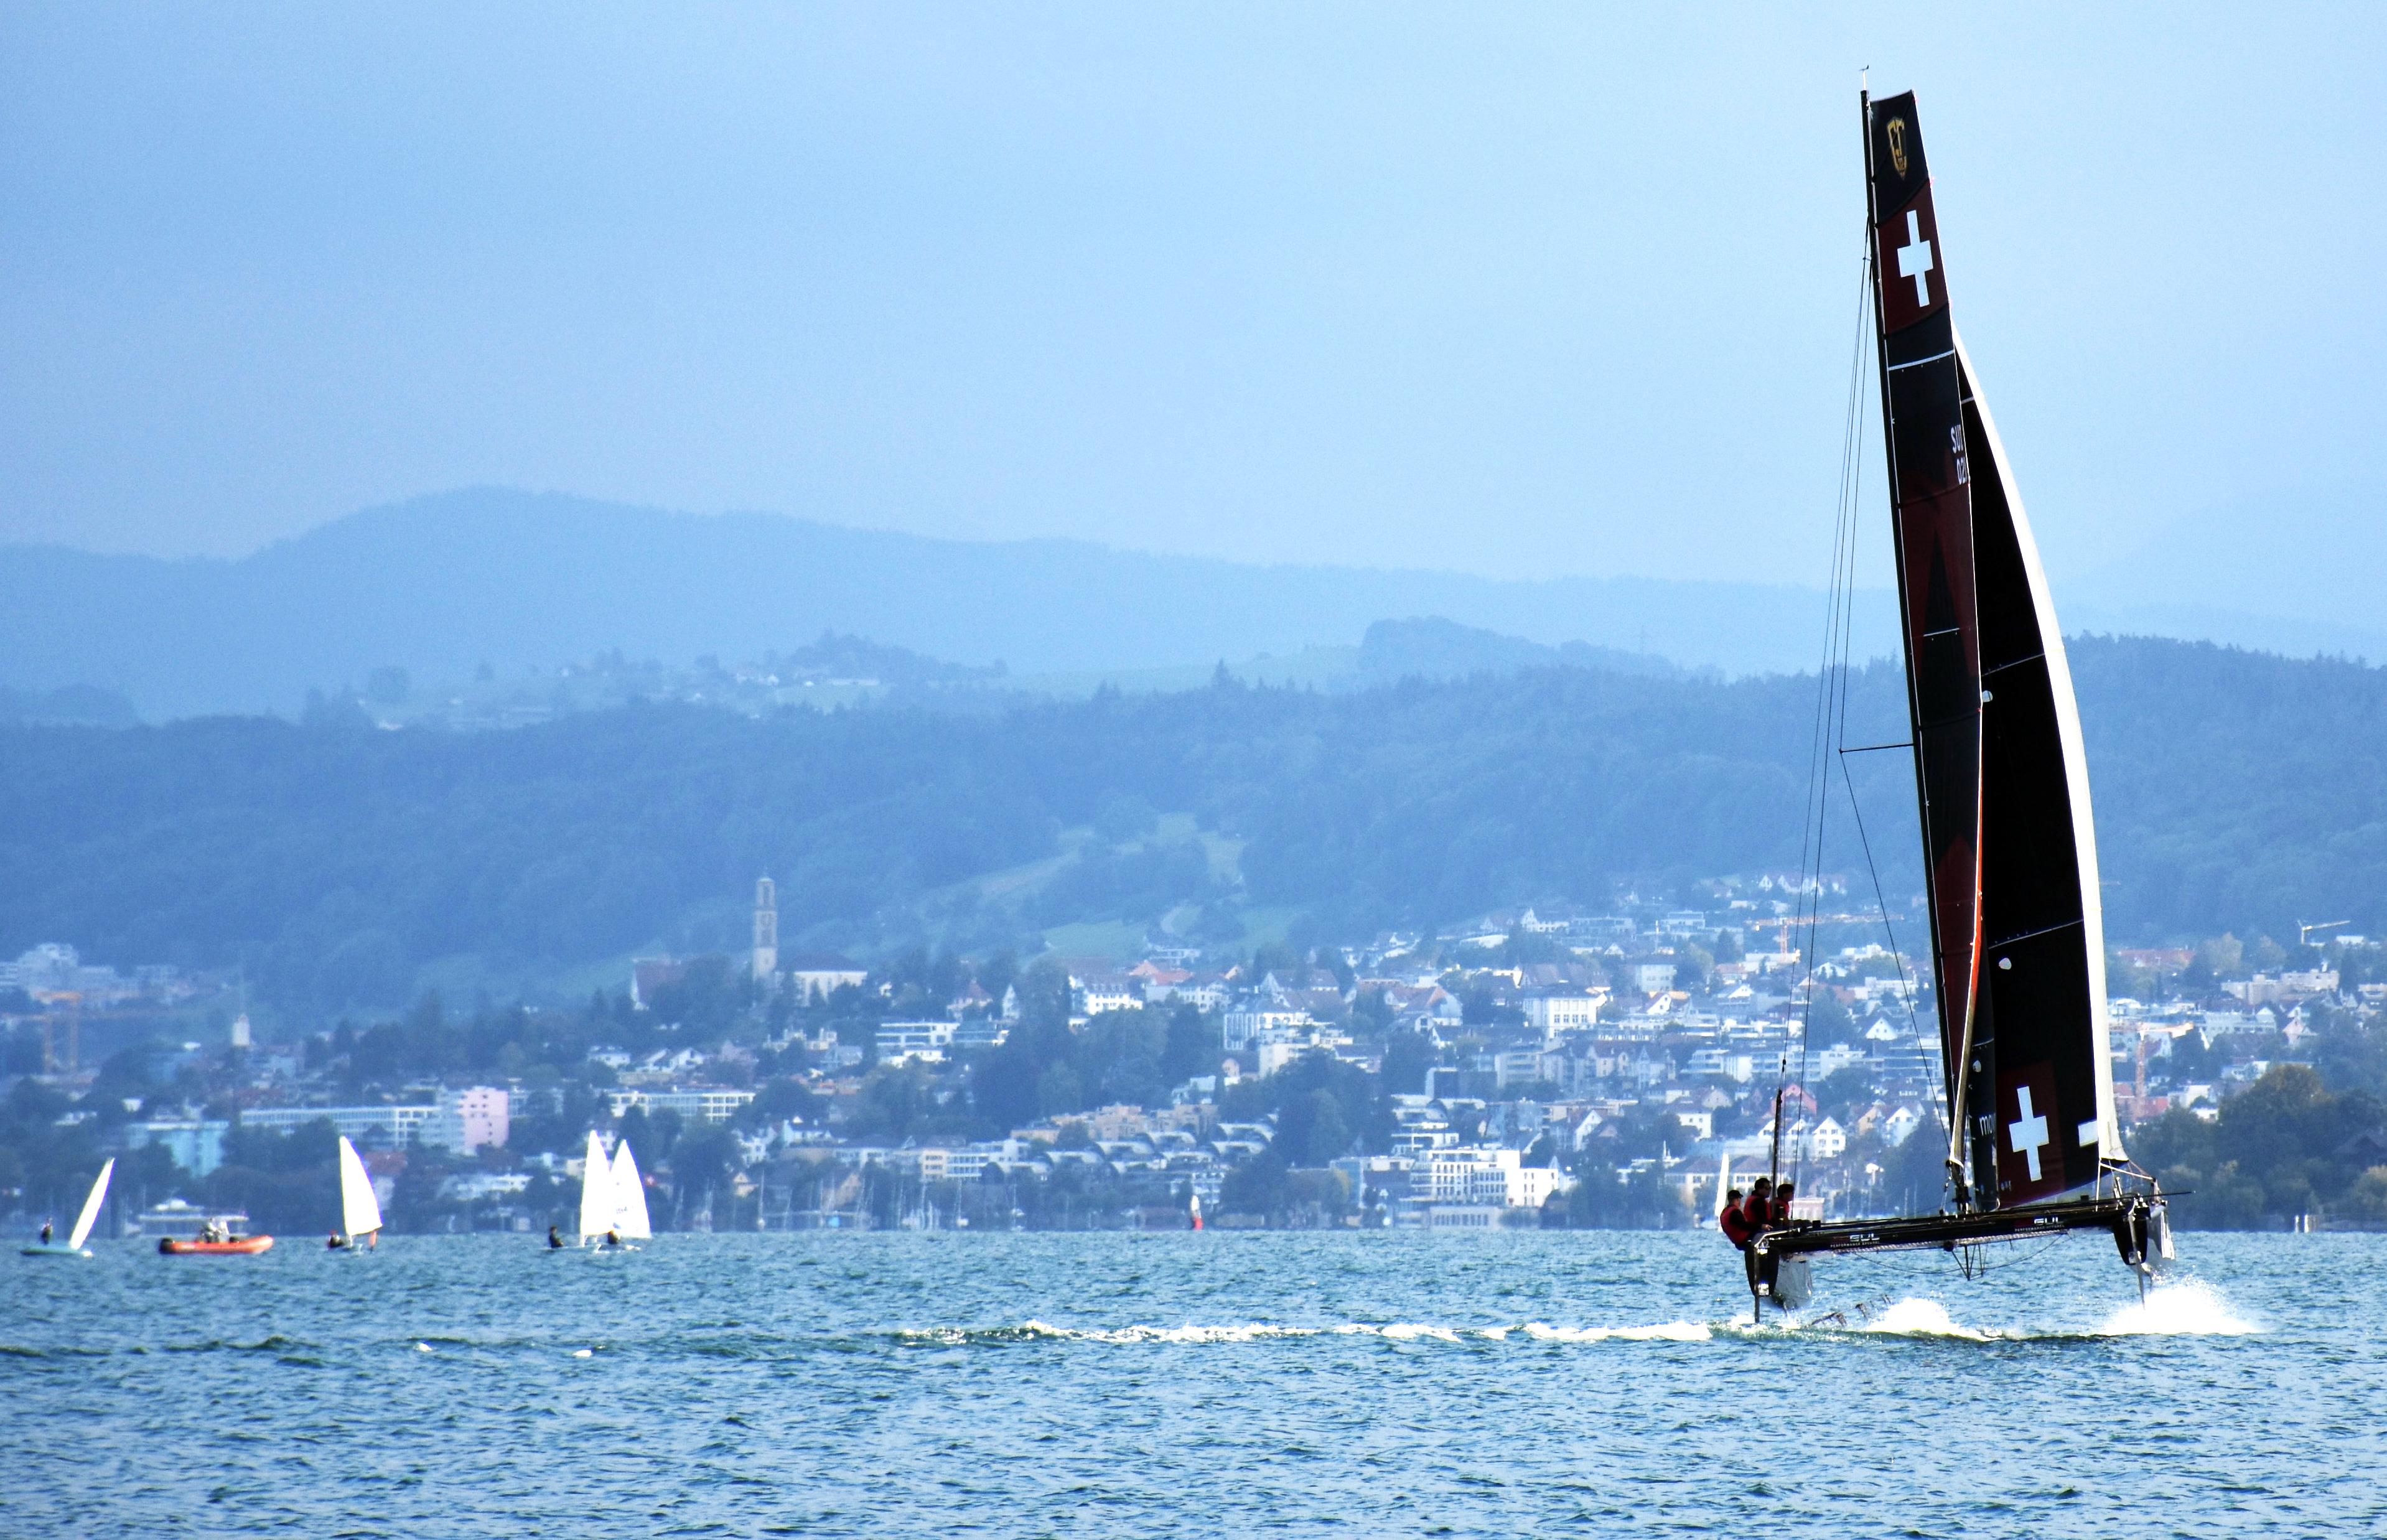 Das neue Schweizer Segelteam Black Star Sailing ist aktuell auf Promotour in Zürich. Vergangene Woche wurde der Katamaran am Hafen Wollishofen zusammengebaut. Foto: Pascal Wiederkehr